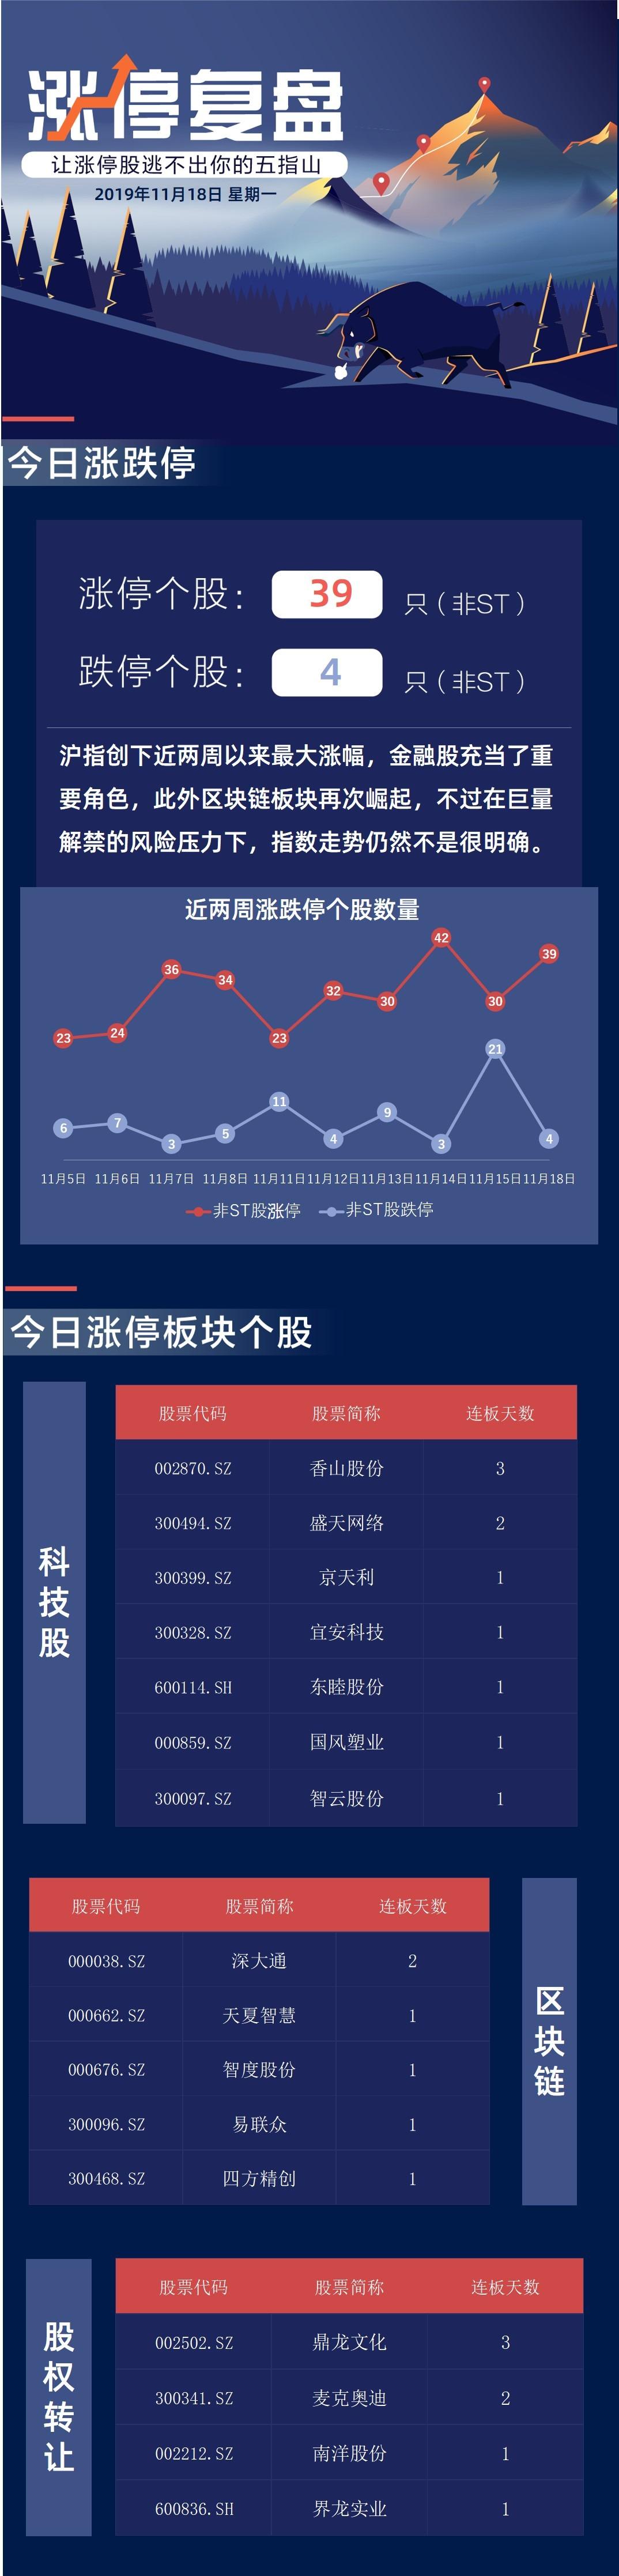 利发国际手机版利发厅-国庆期间 西安火车站高峰期开启18个实名制验证通道